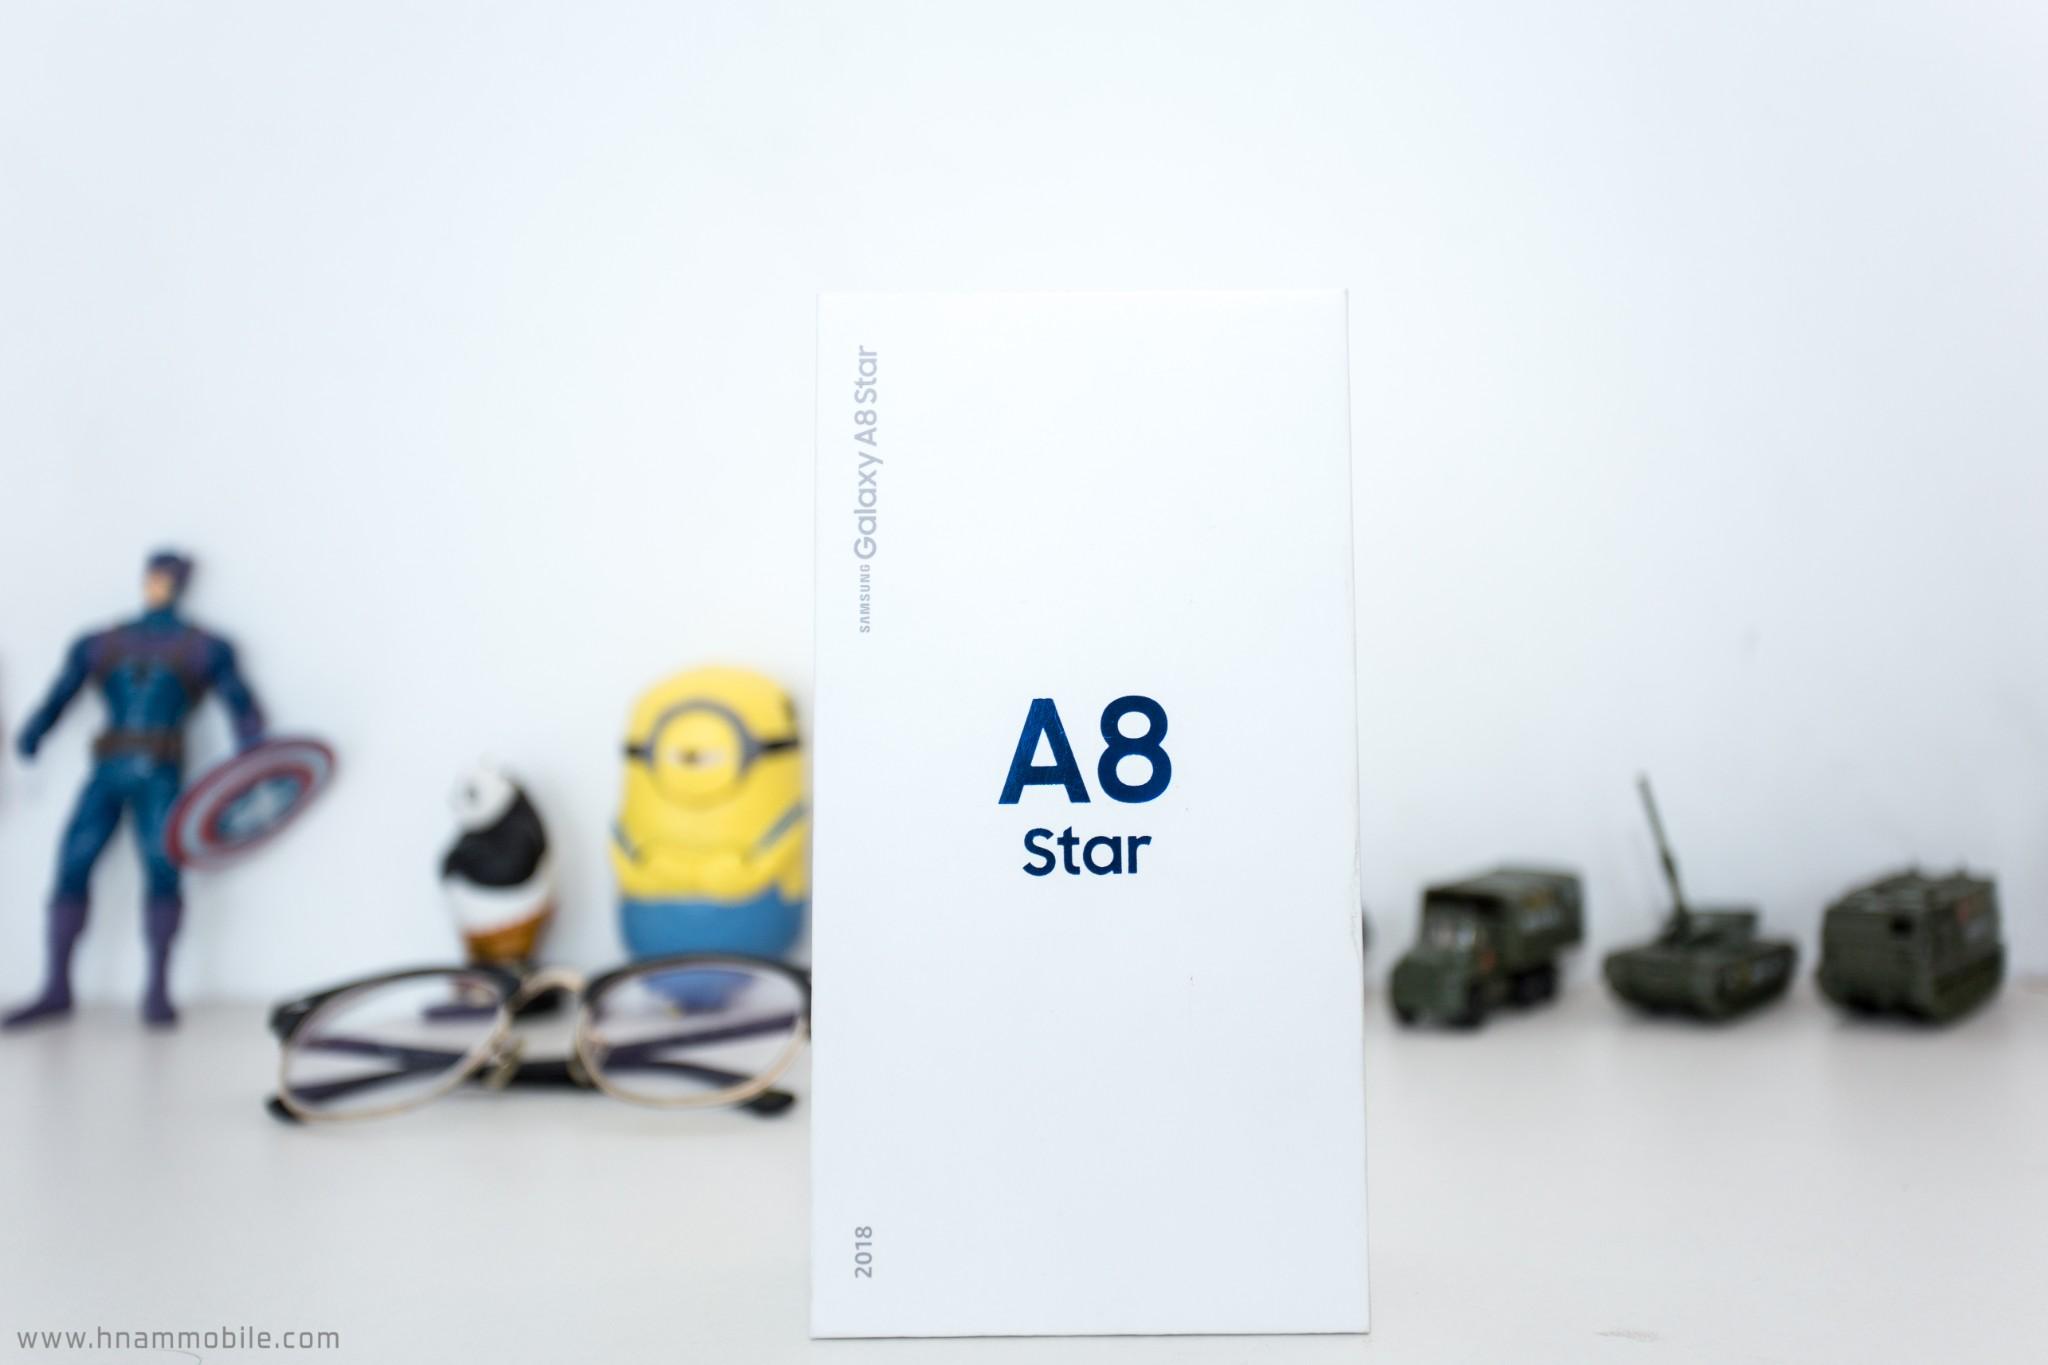 Đập hộp Galaxy A8 Star chính hãng tại Việt Nam hình 2